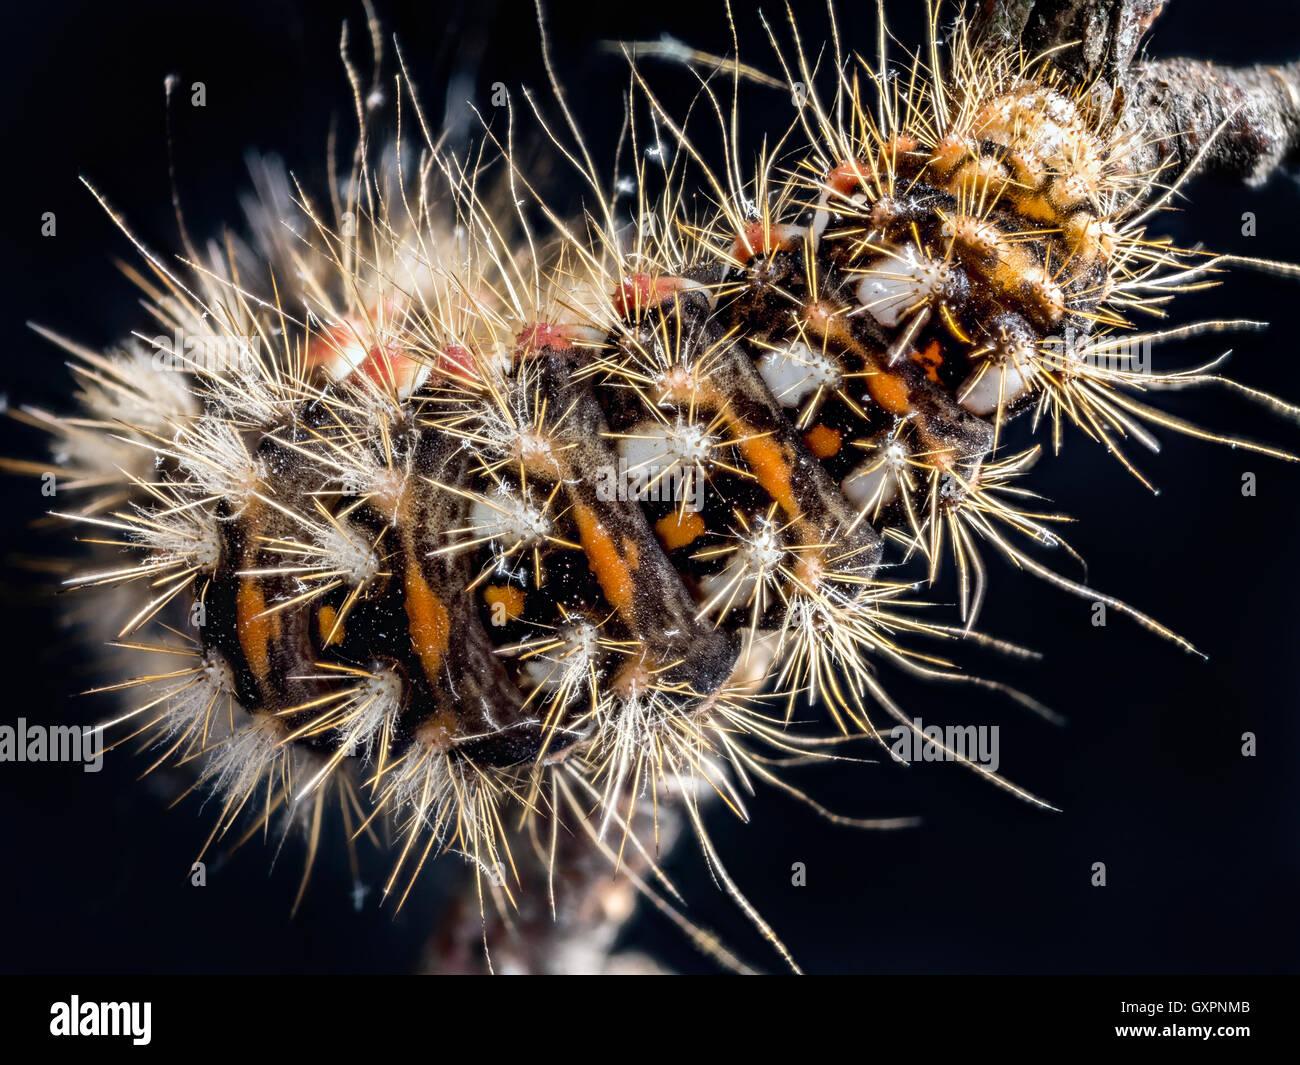 Gelb-Tail Motte (Euproctis Similis) Raupe kriecht unten den Zweig auf schwarzem Hintergrund Stockbild